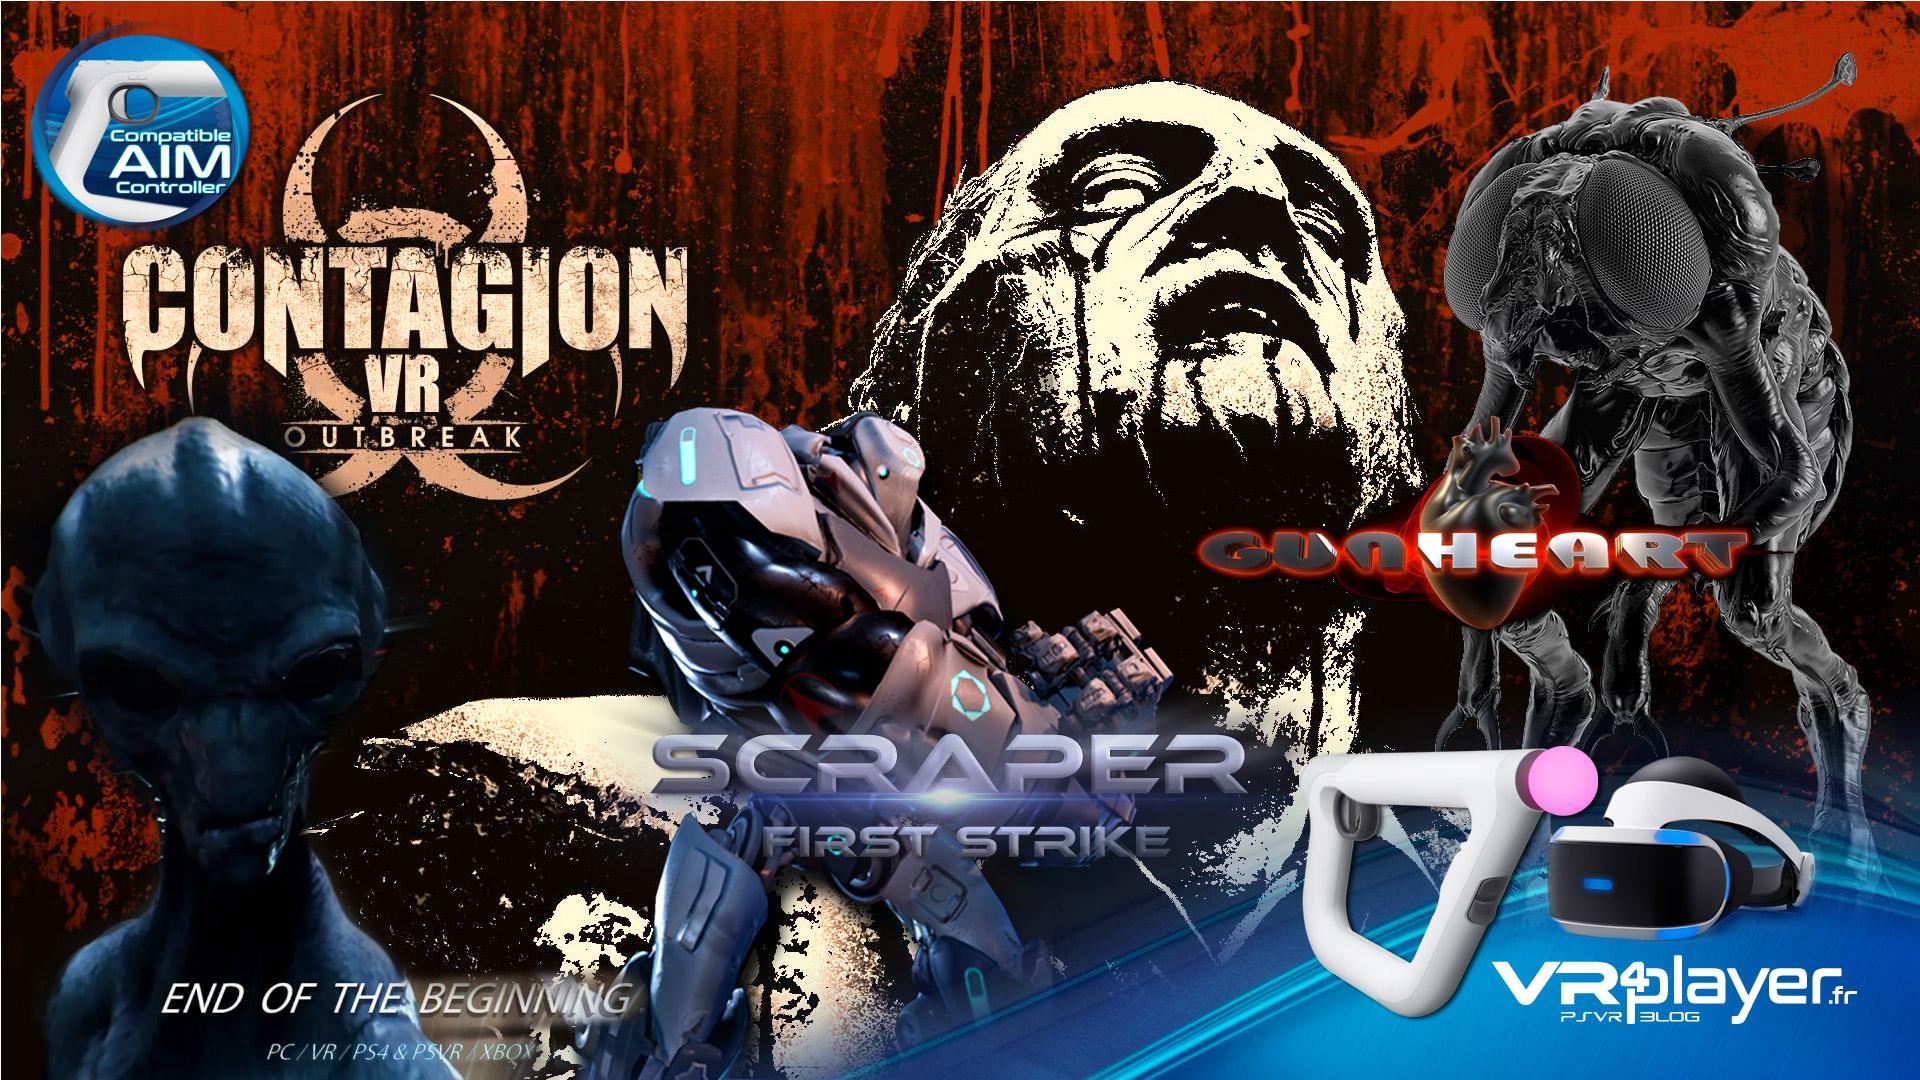 les jeux compatibles AIM à venir sur PSVR - vr4player.fr